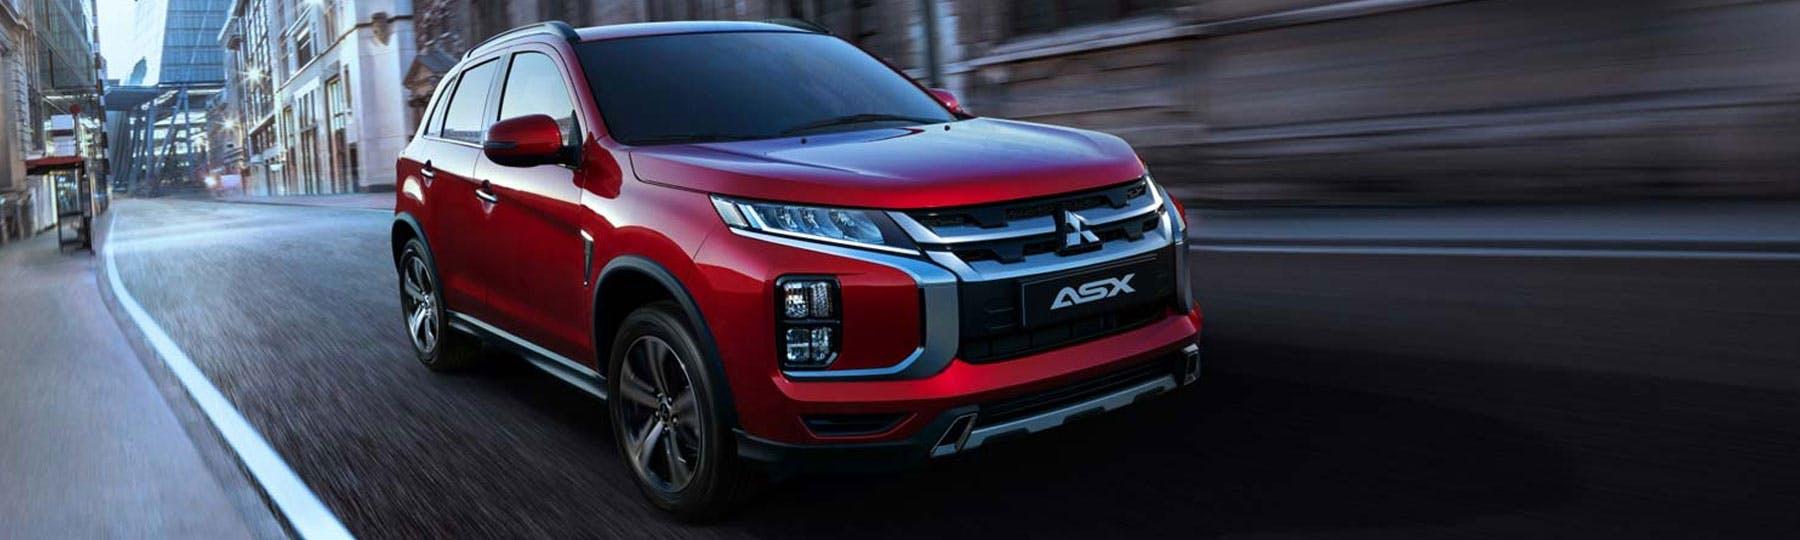 New Mitsubishi ASX